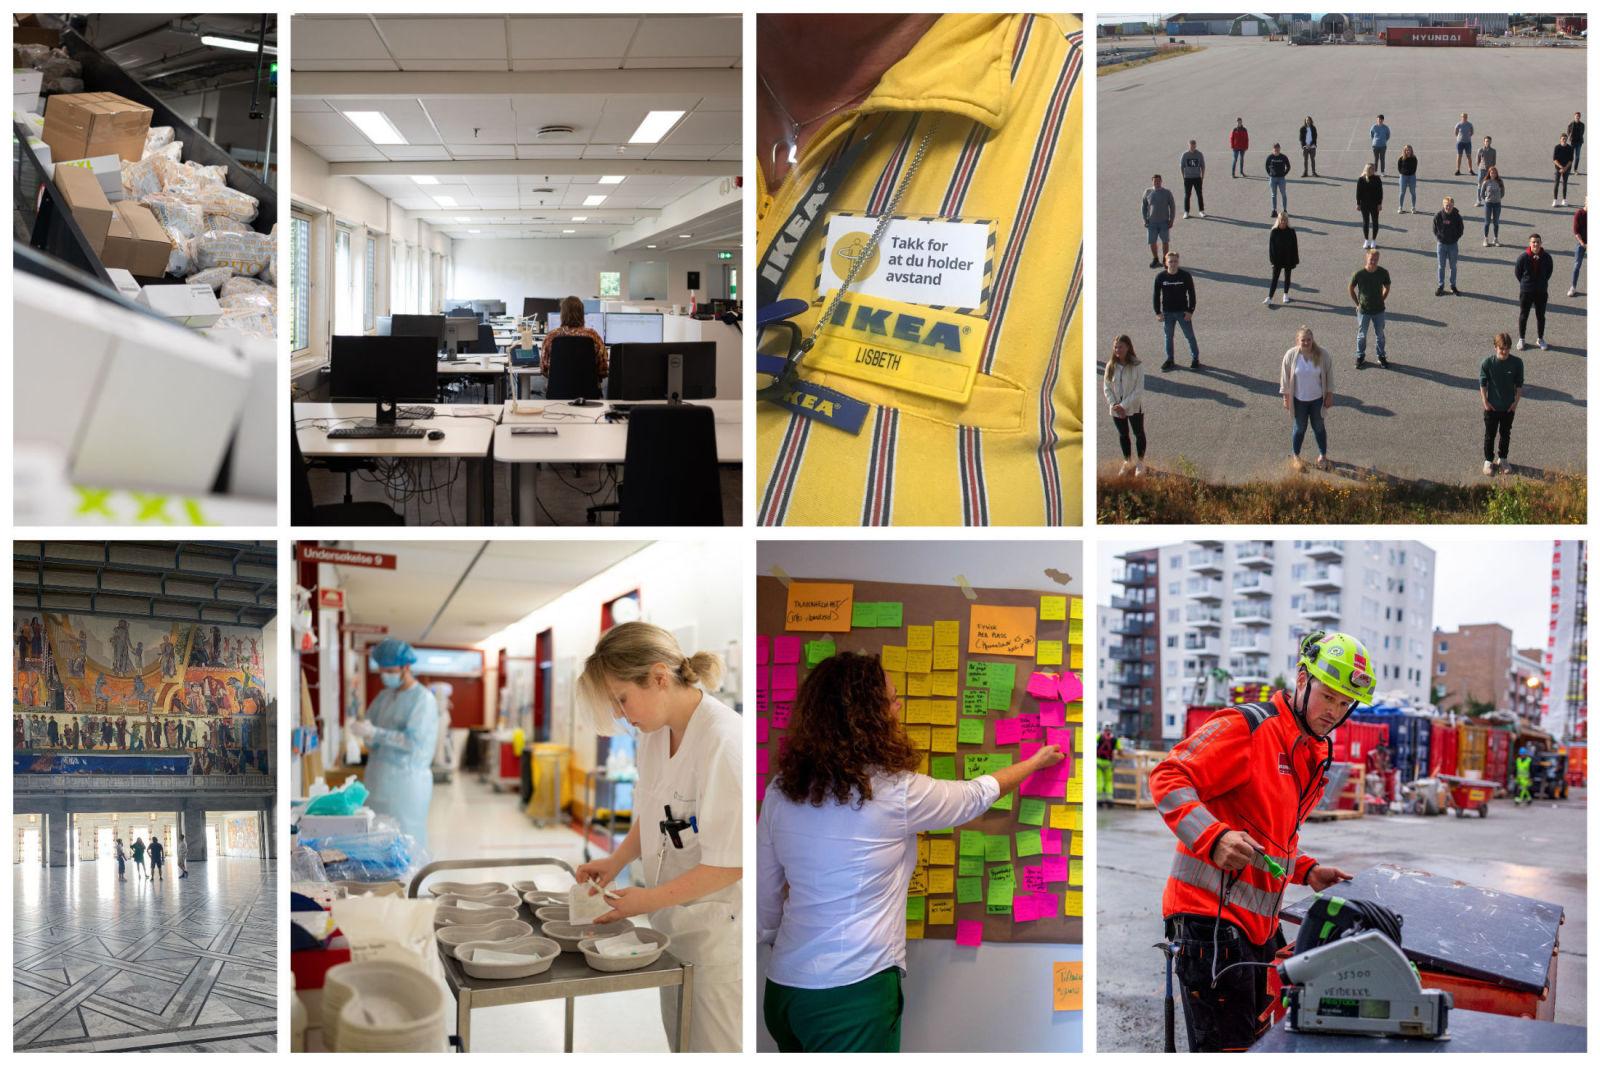 PÅ INNSIDEN: Fra Equinor til Posten. Noen av Norges største arbeidsgivere viser fram hvordan arbeidsplassen ser ut nå i koronatider, og forteller hvilke opplegg de vil ha for sine ansatte med tanke på viruspandemien framover.